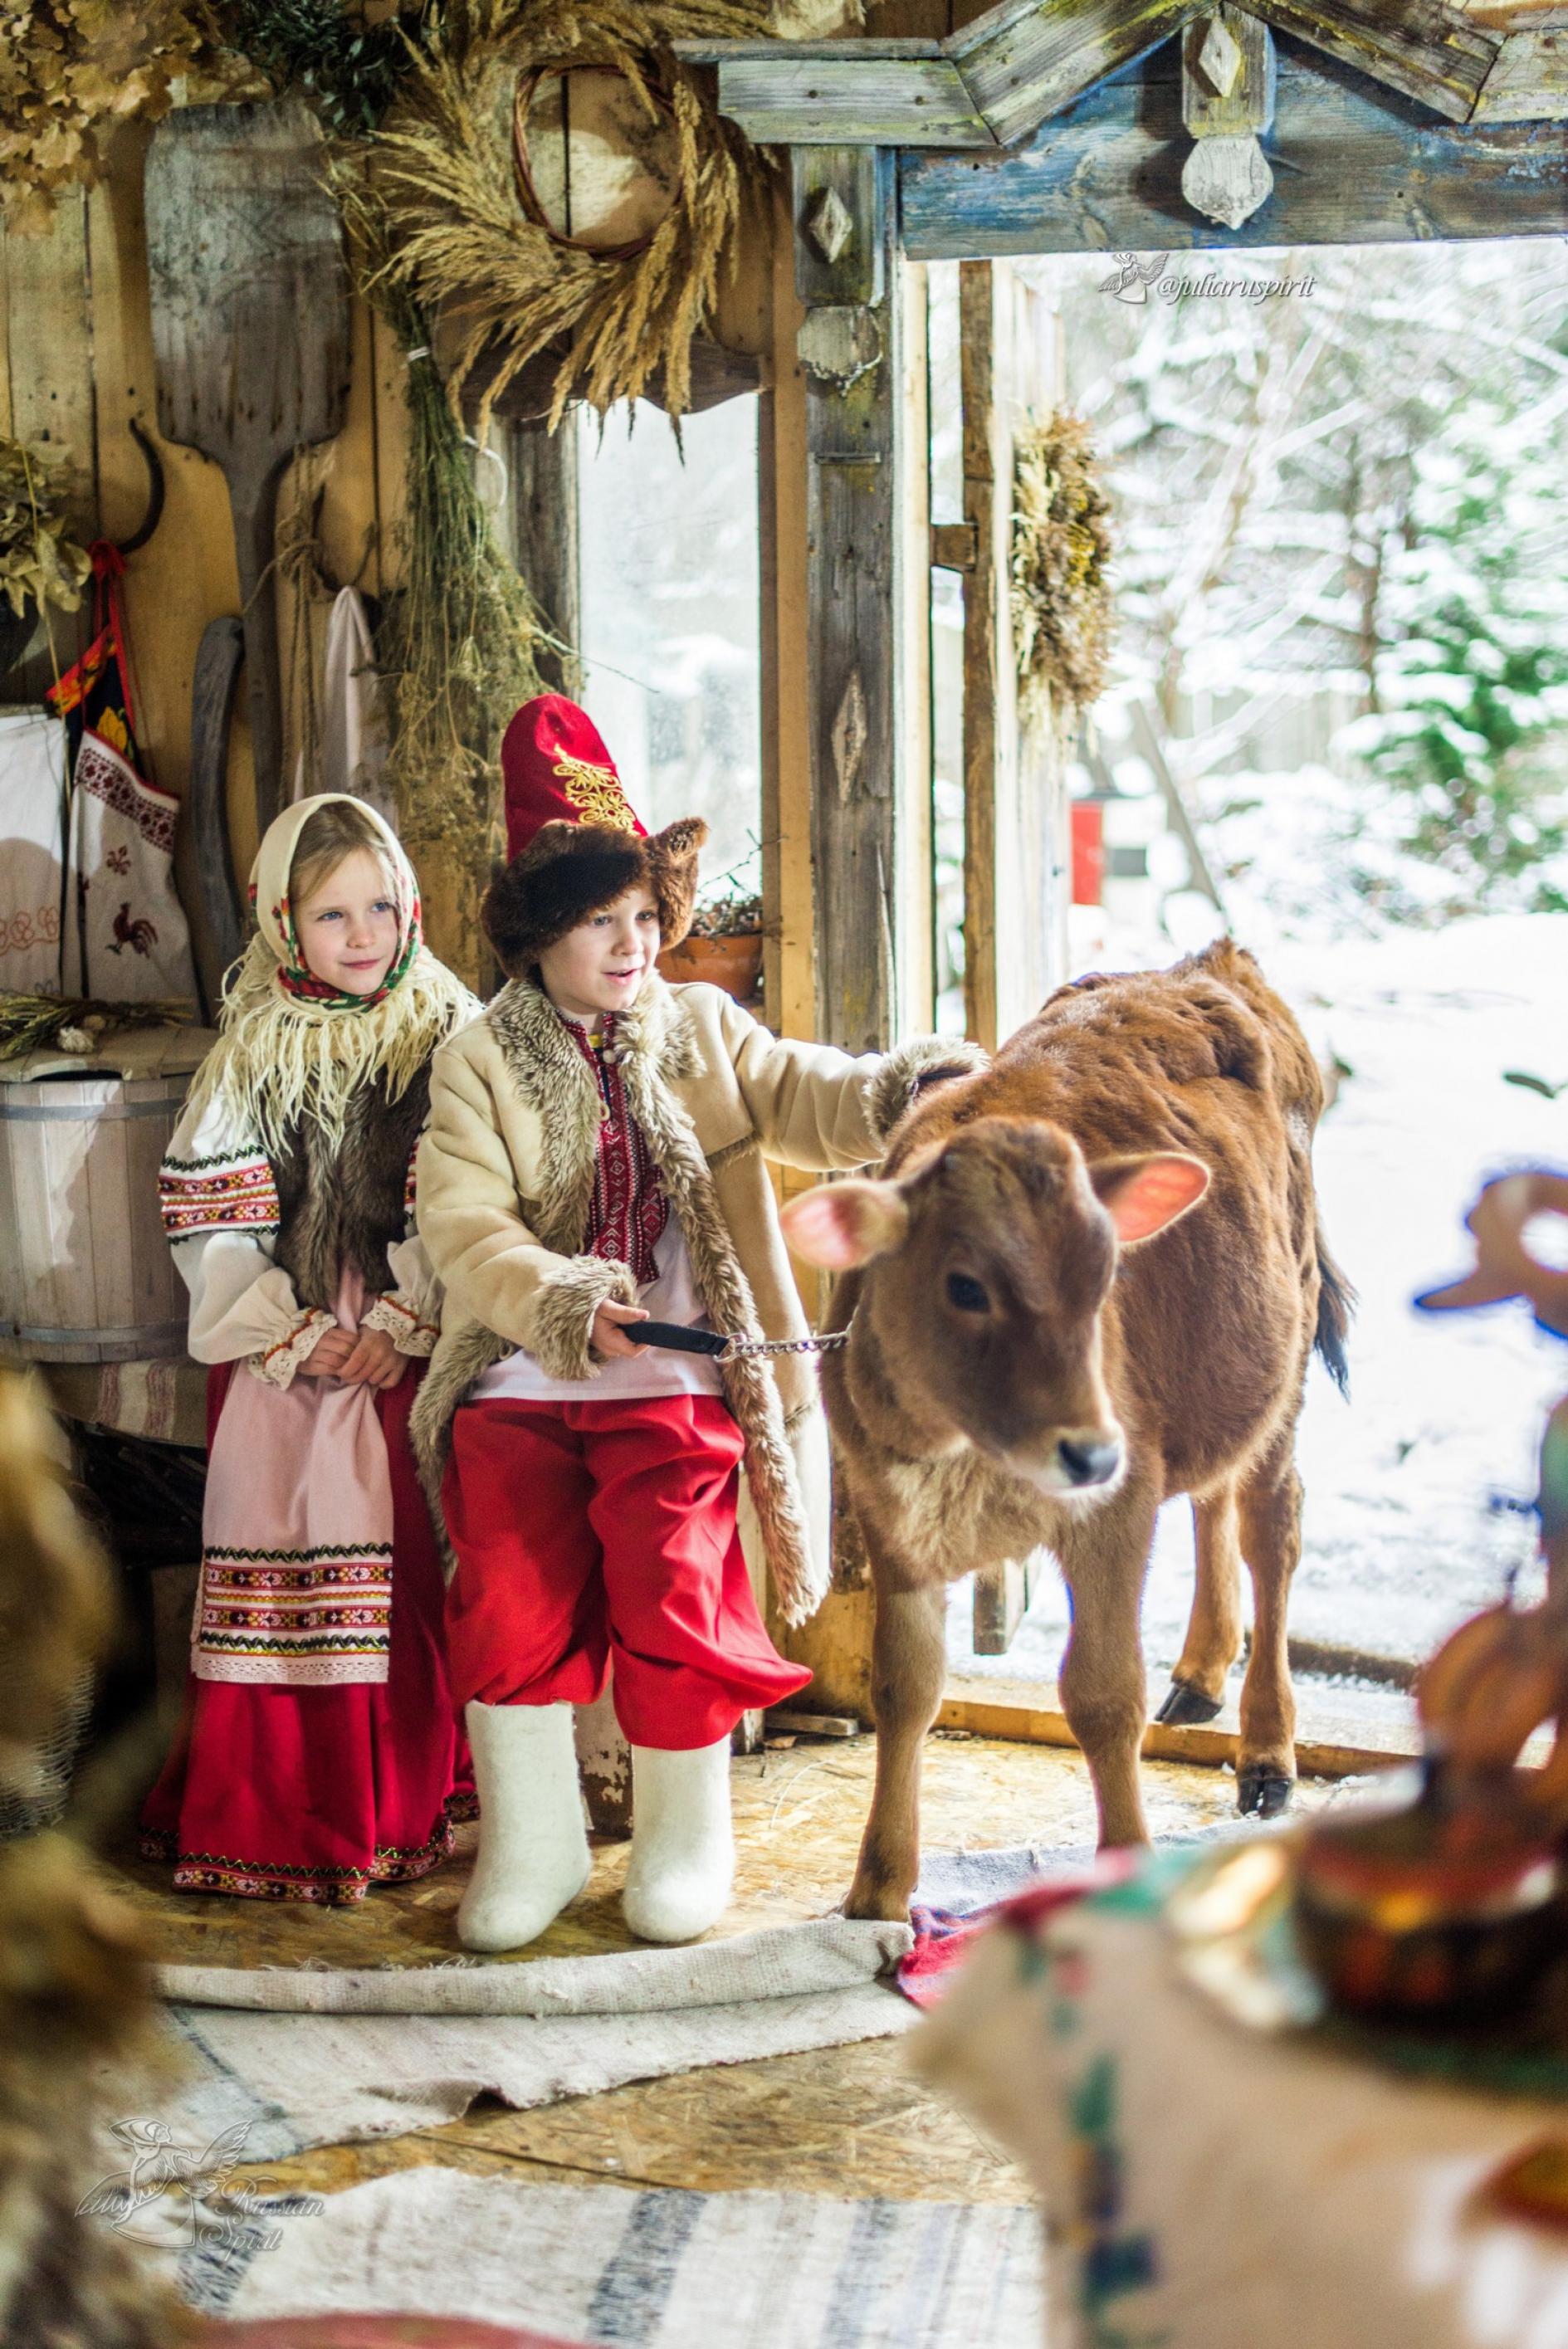 Дети с бычком в старинном доме в русском стиле